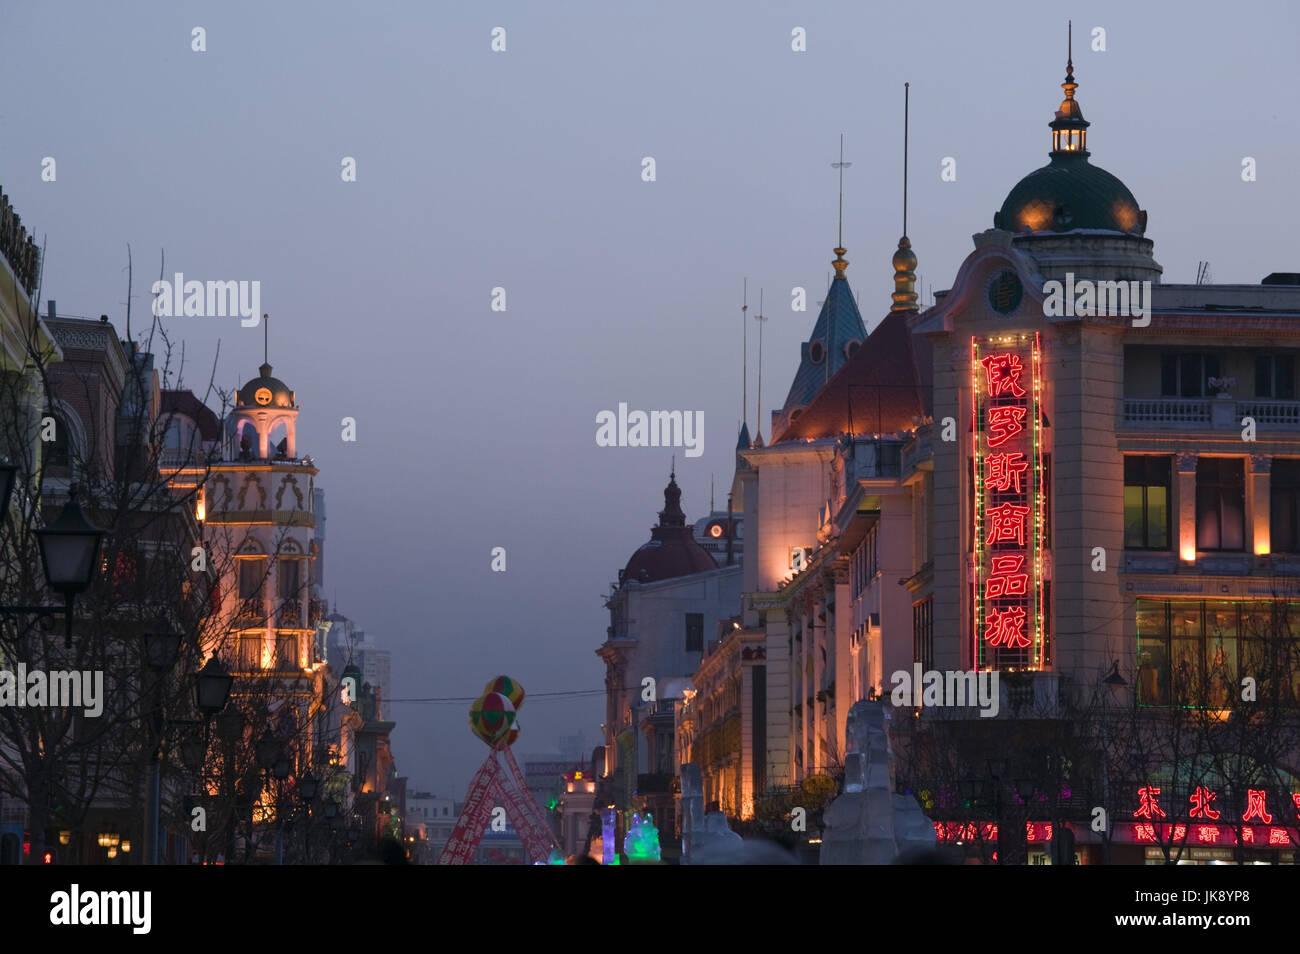 China, Heilongjiang, Harbin, Daolingqu-Viertel, Fachzeitung, Zhongyang Dajie, Abend, Stockfoto